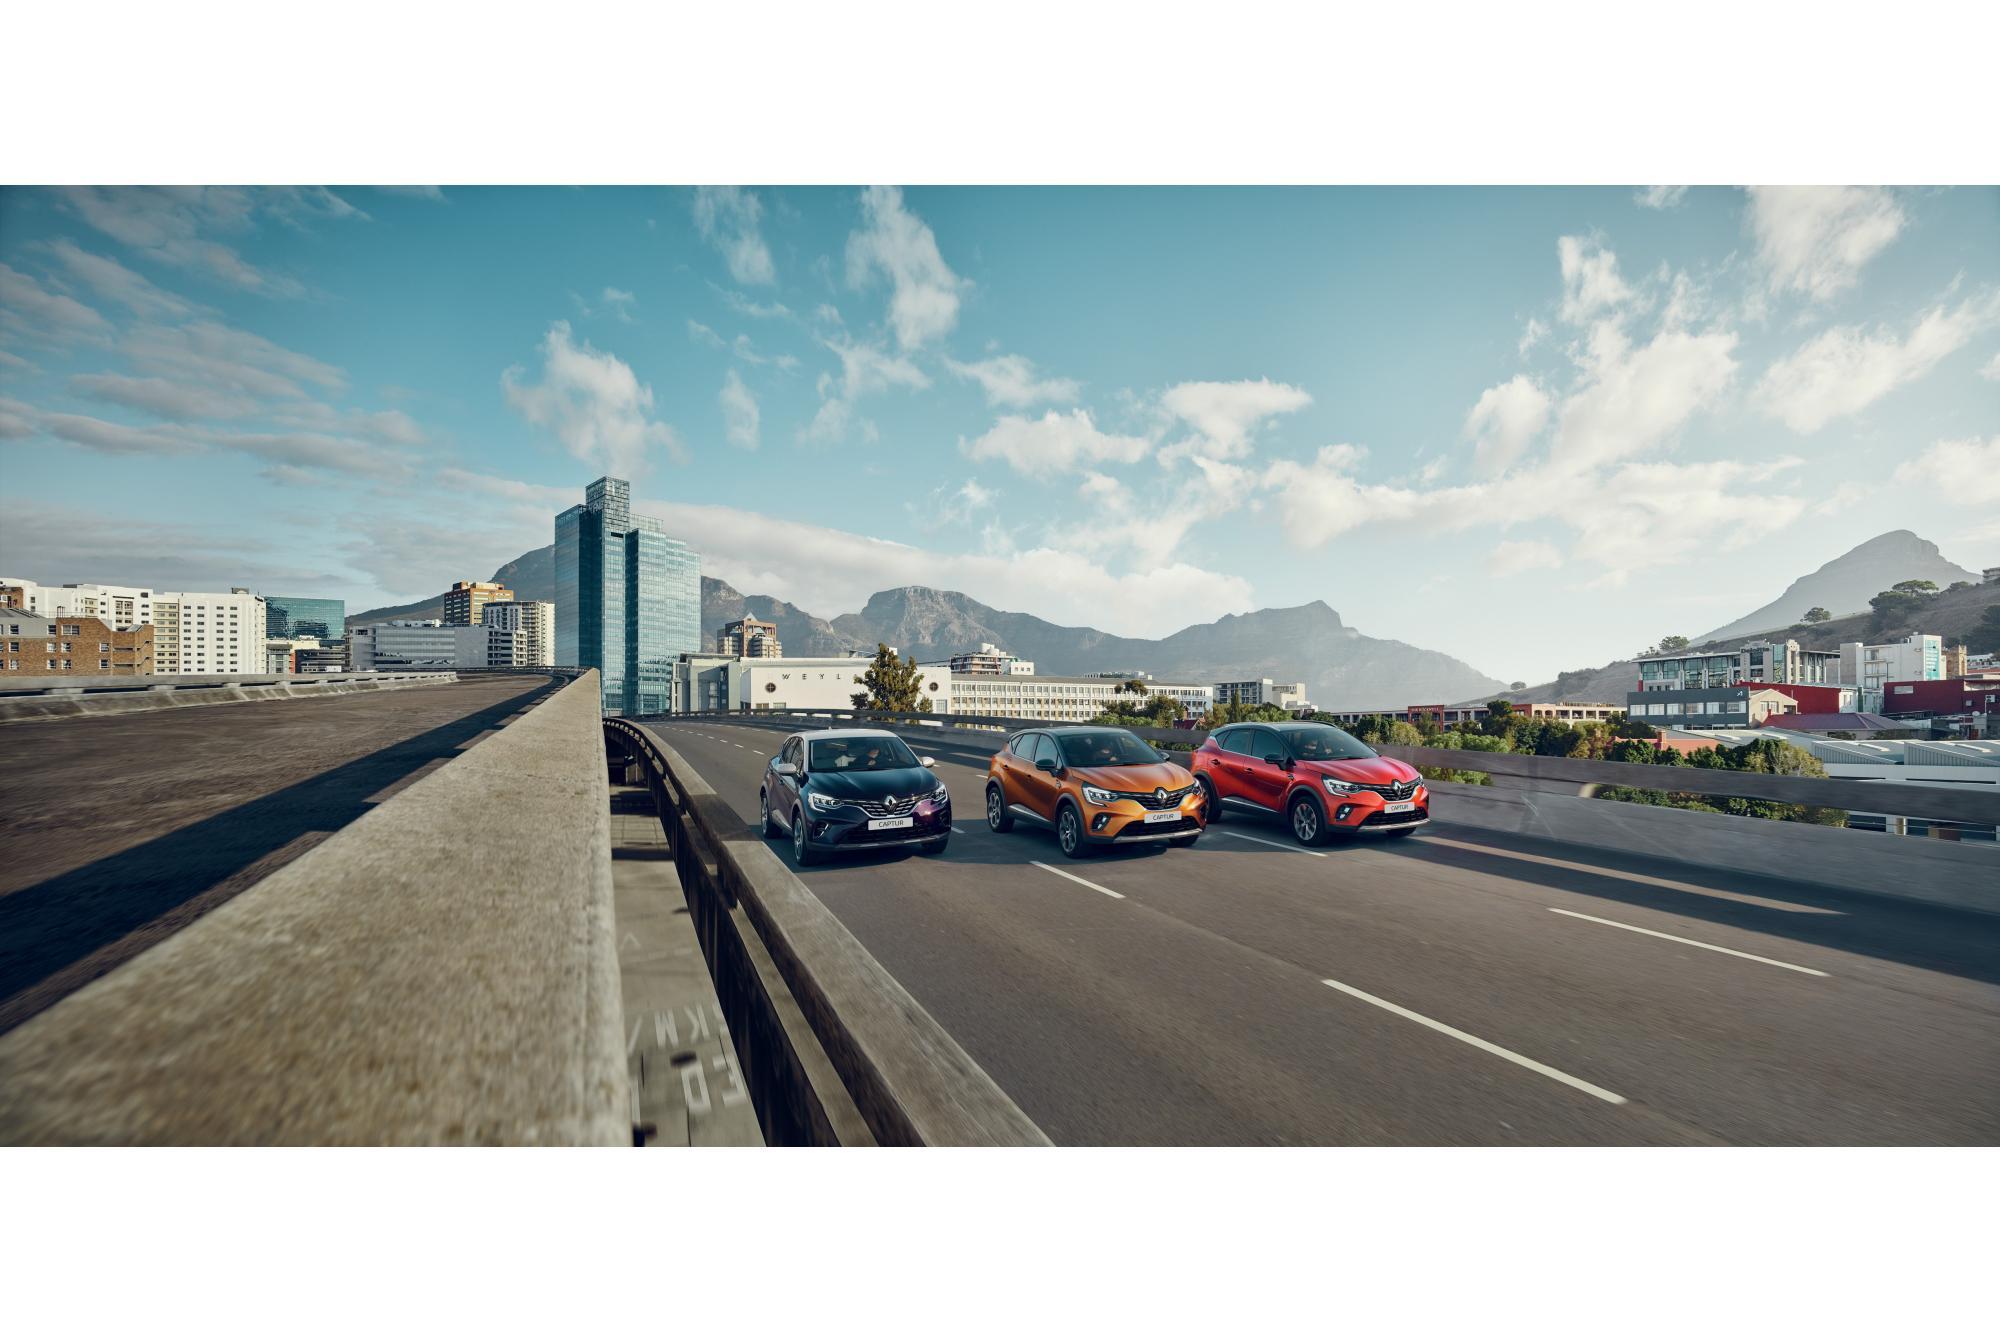 Πέντε αστέρια για το νέο Renault CAPTUR